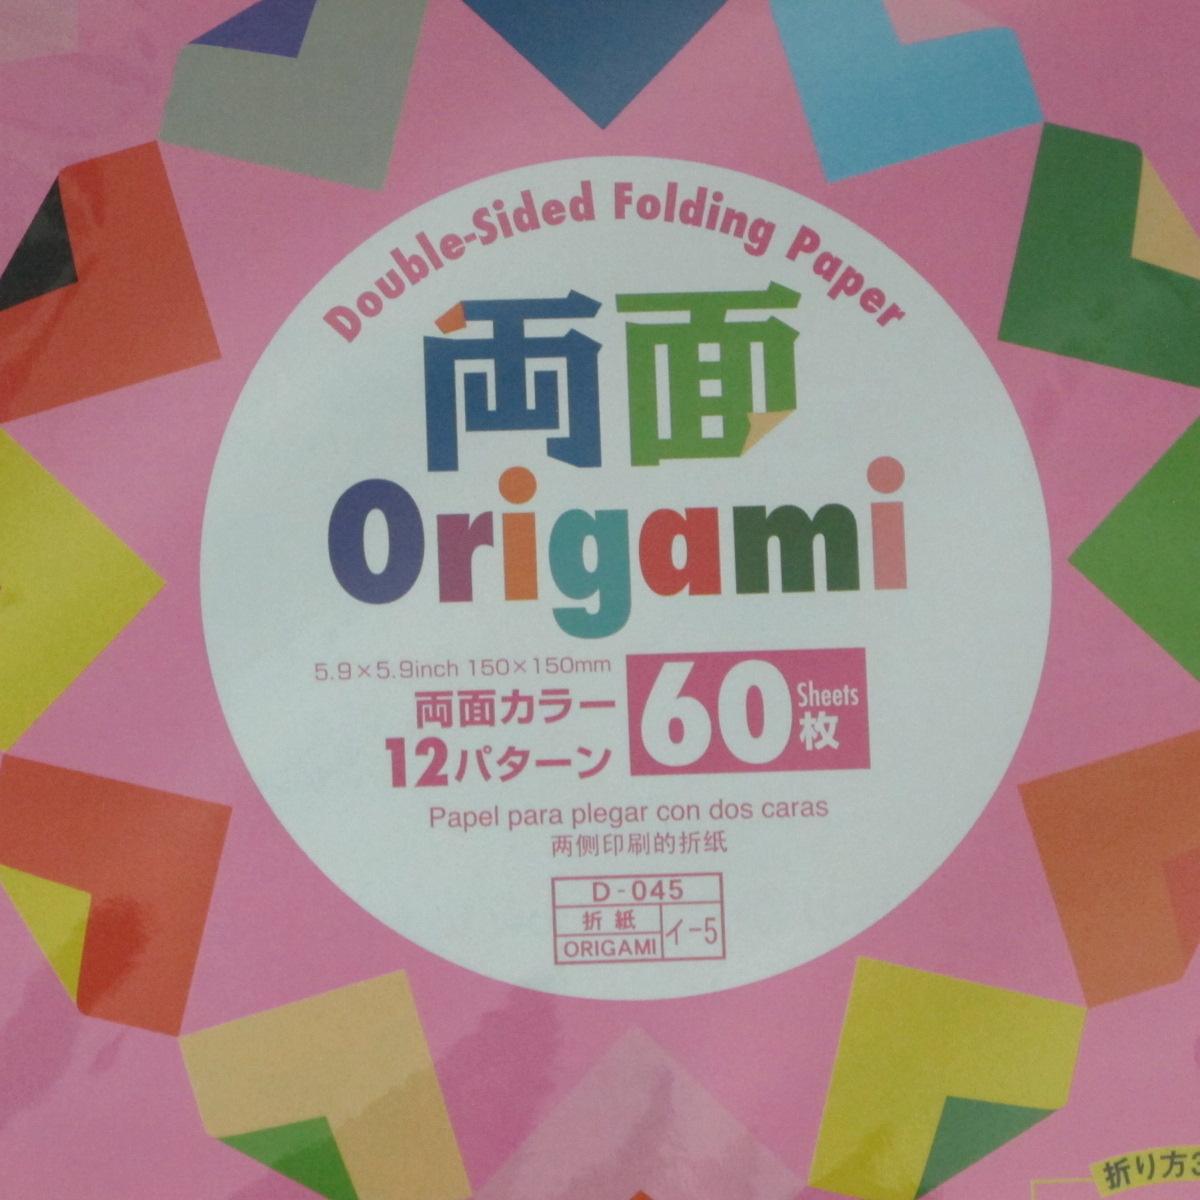 เลือกซื้อกระดาษสำหรับพับโอริงามิ (Origami paper) 011